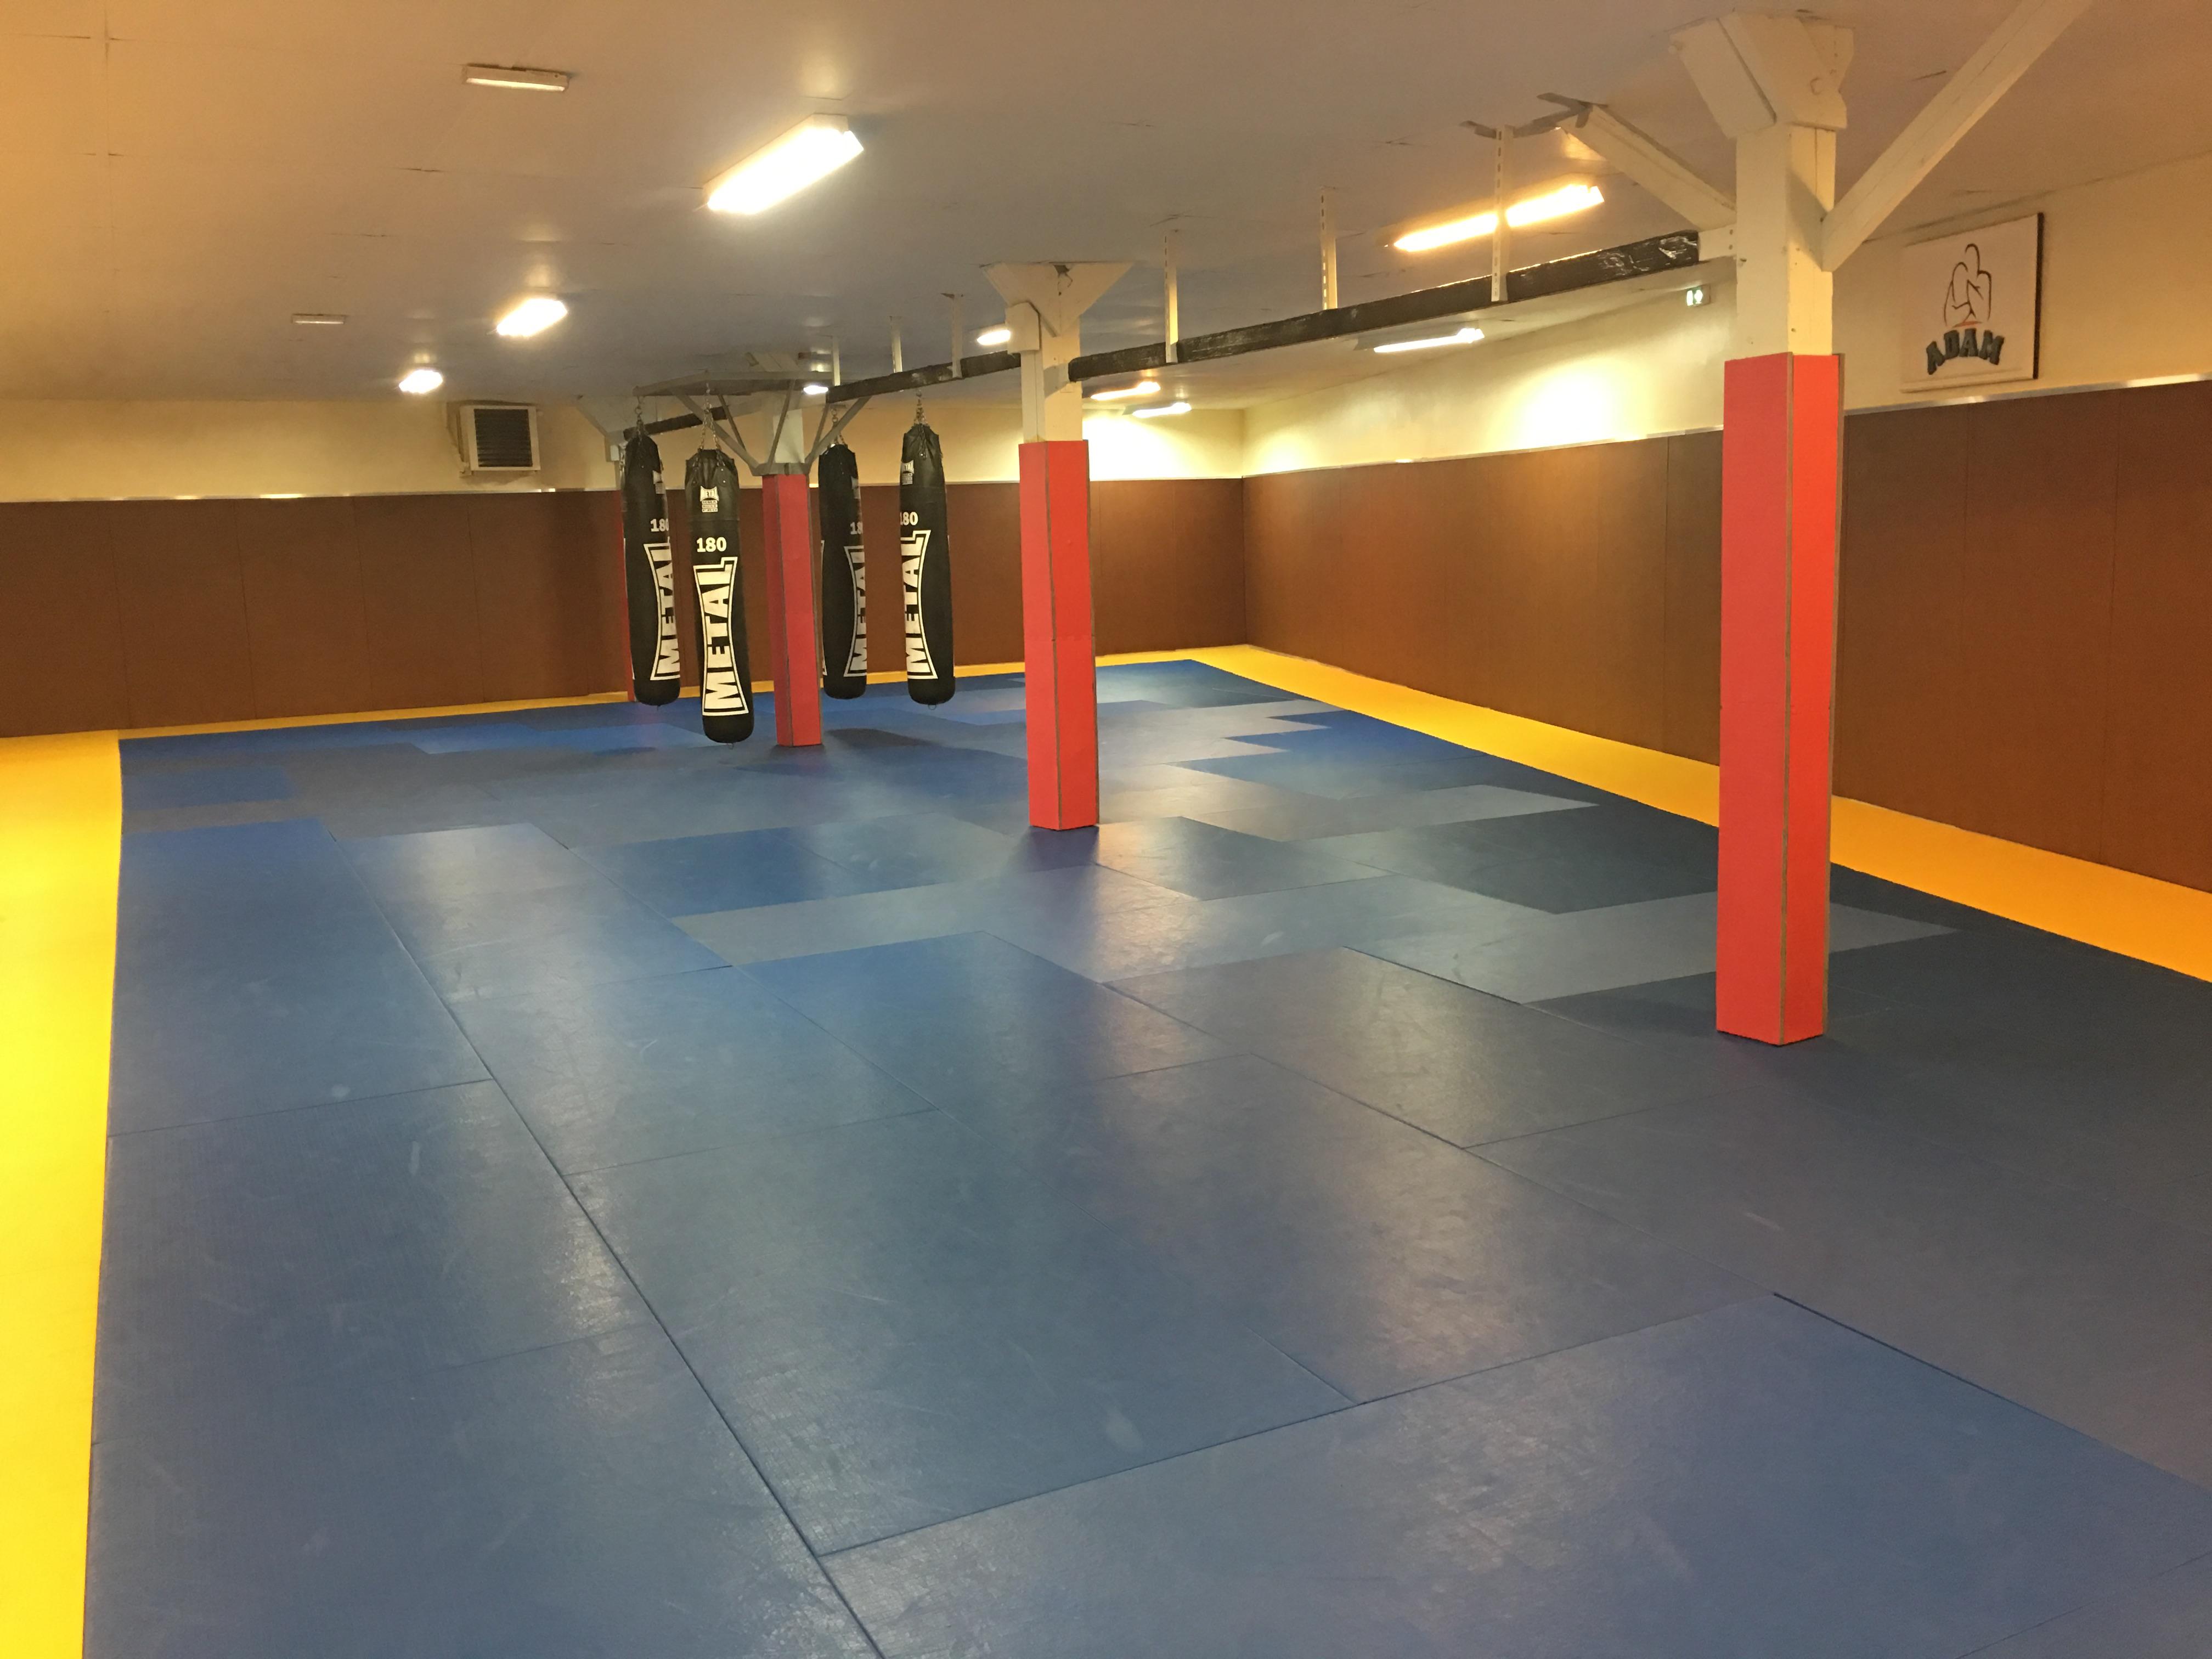 2 Salles de combat